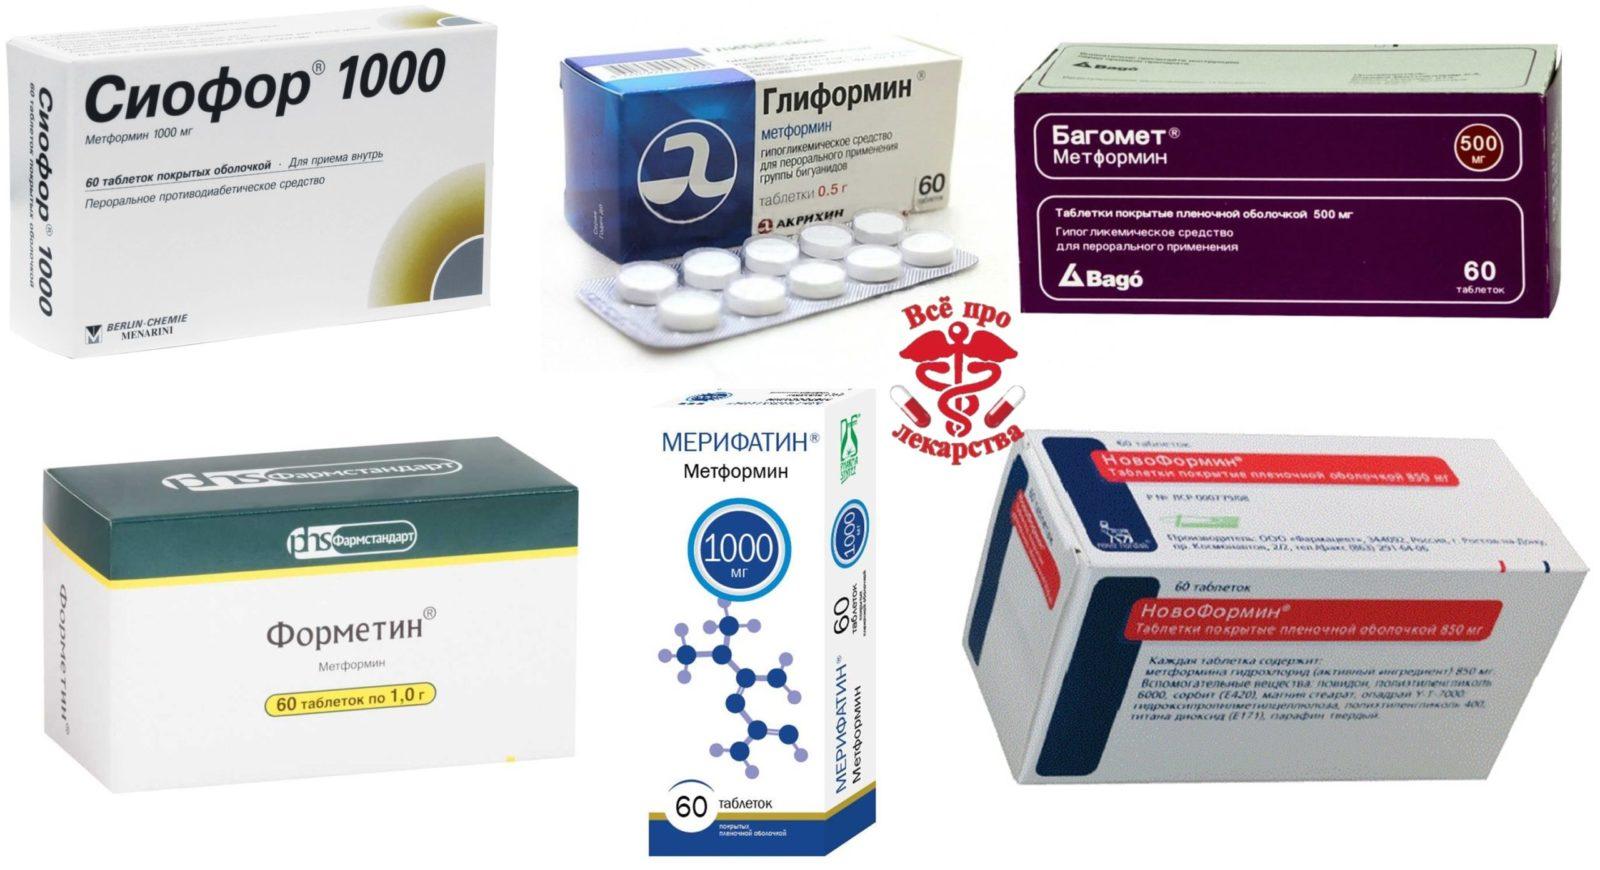 Гллюкофаж 1000 мг заменители